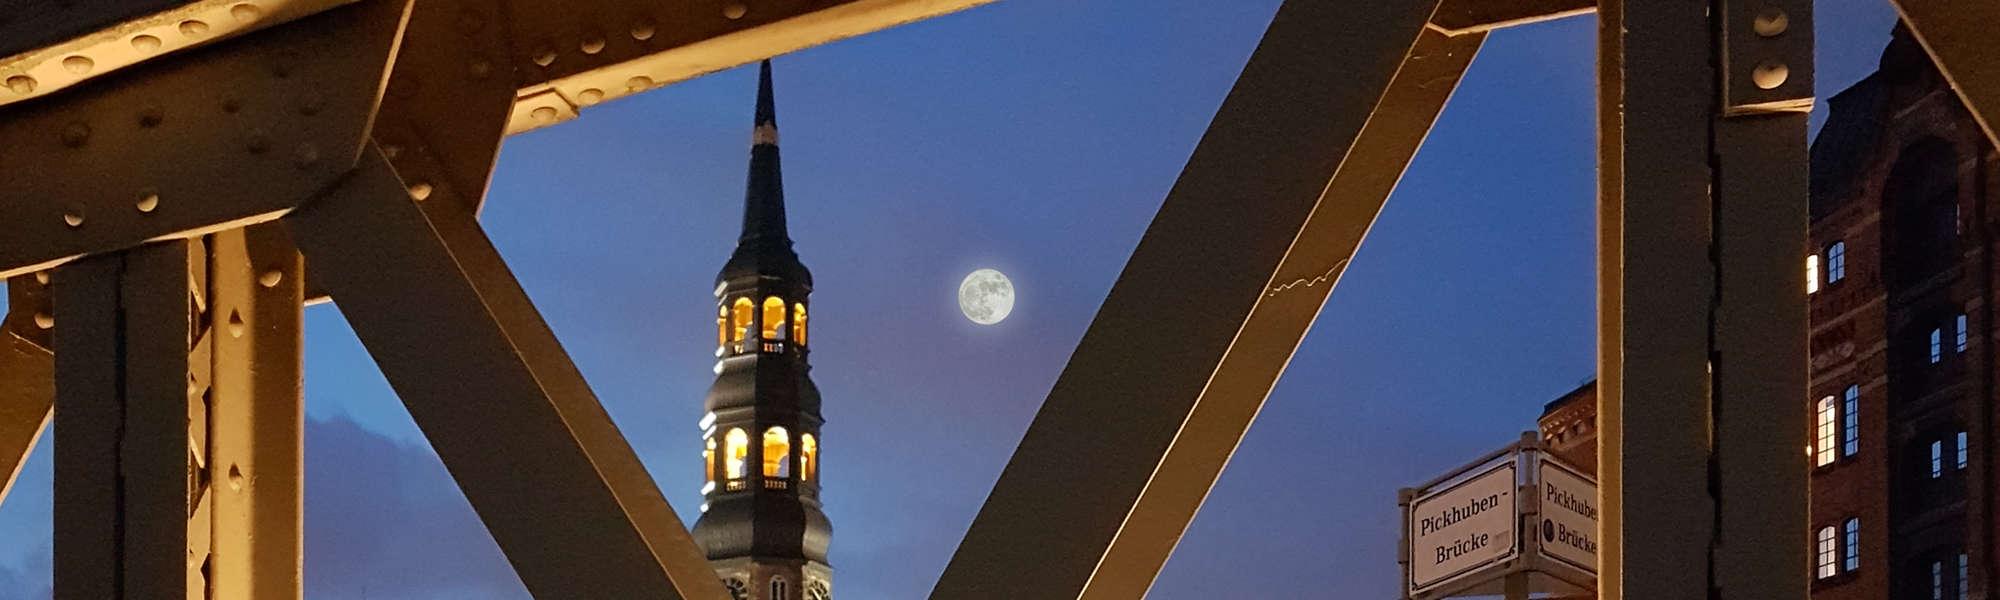 Hamburg Speicherstadt HafenCity Vollmond | FollowMe Hamburg